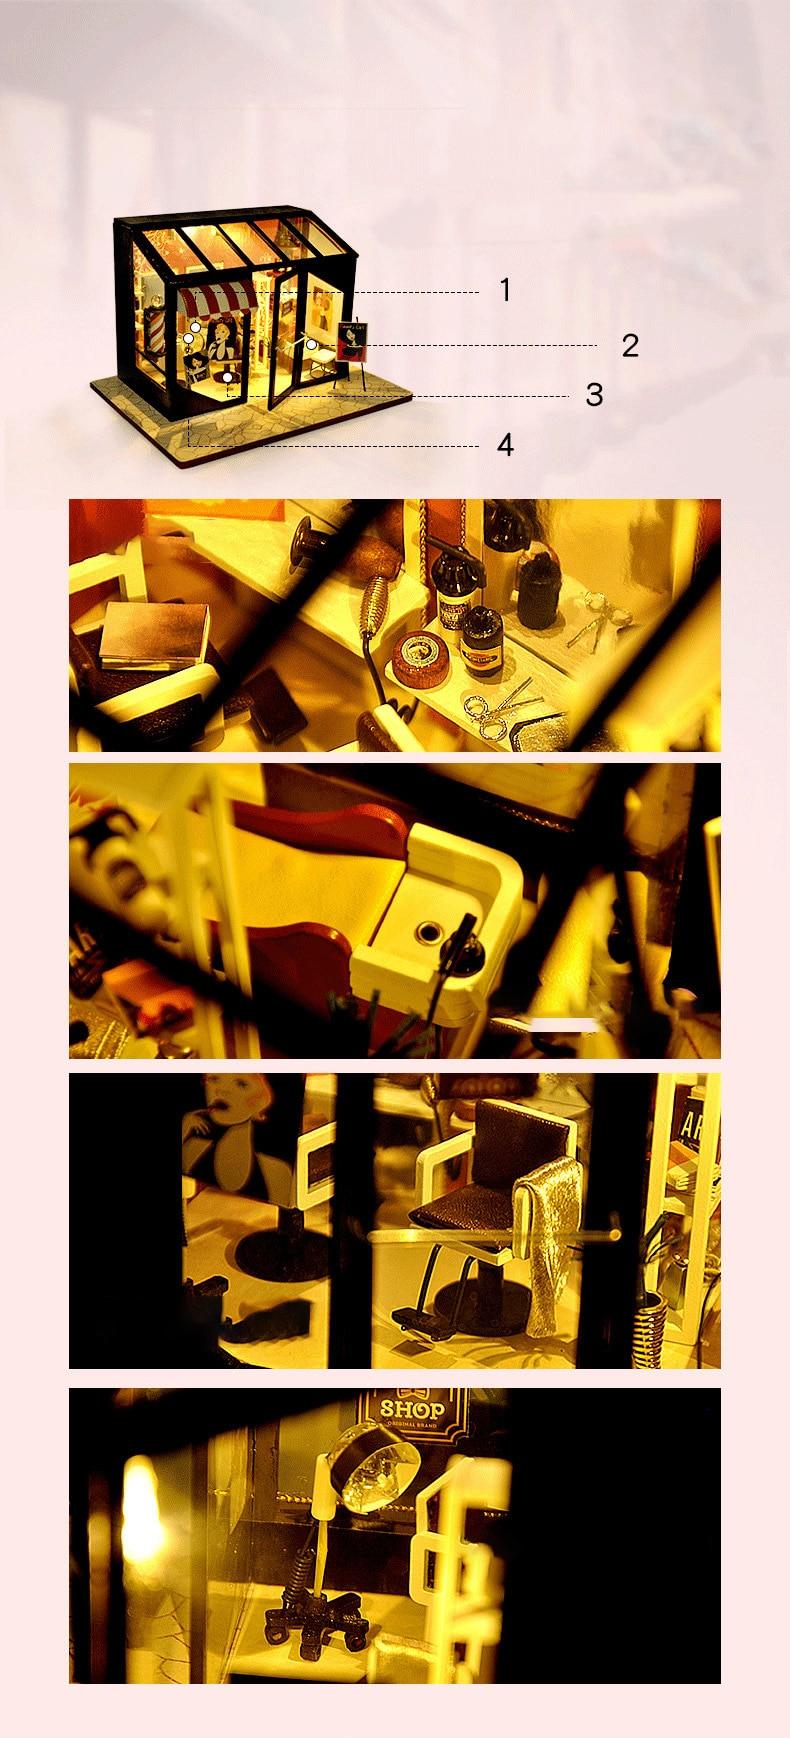 H81ef105328e6470a80a99bc6d4f1de02l - Robotime - DIY Models, DIY Miniature Houses, 3d Wooden Puzzle